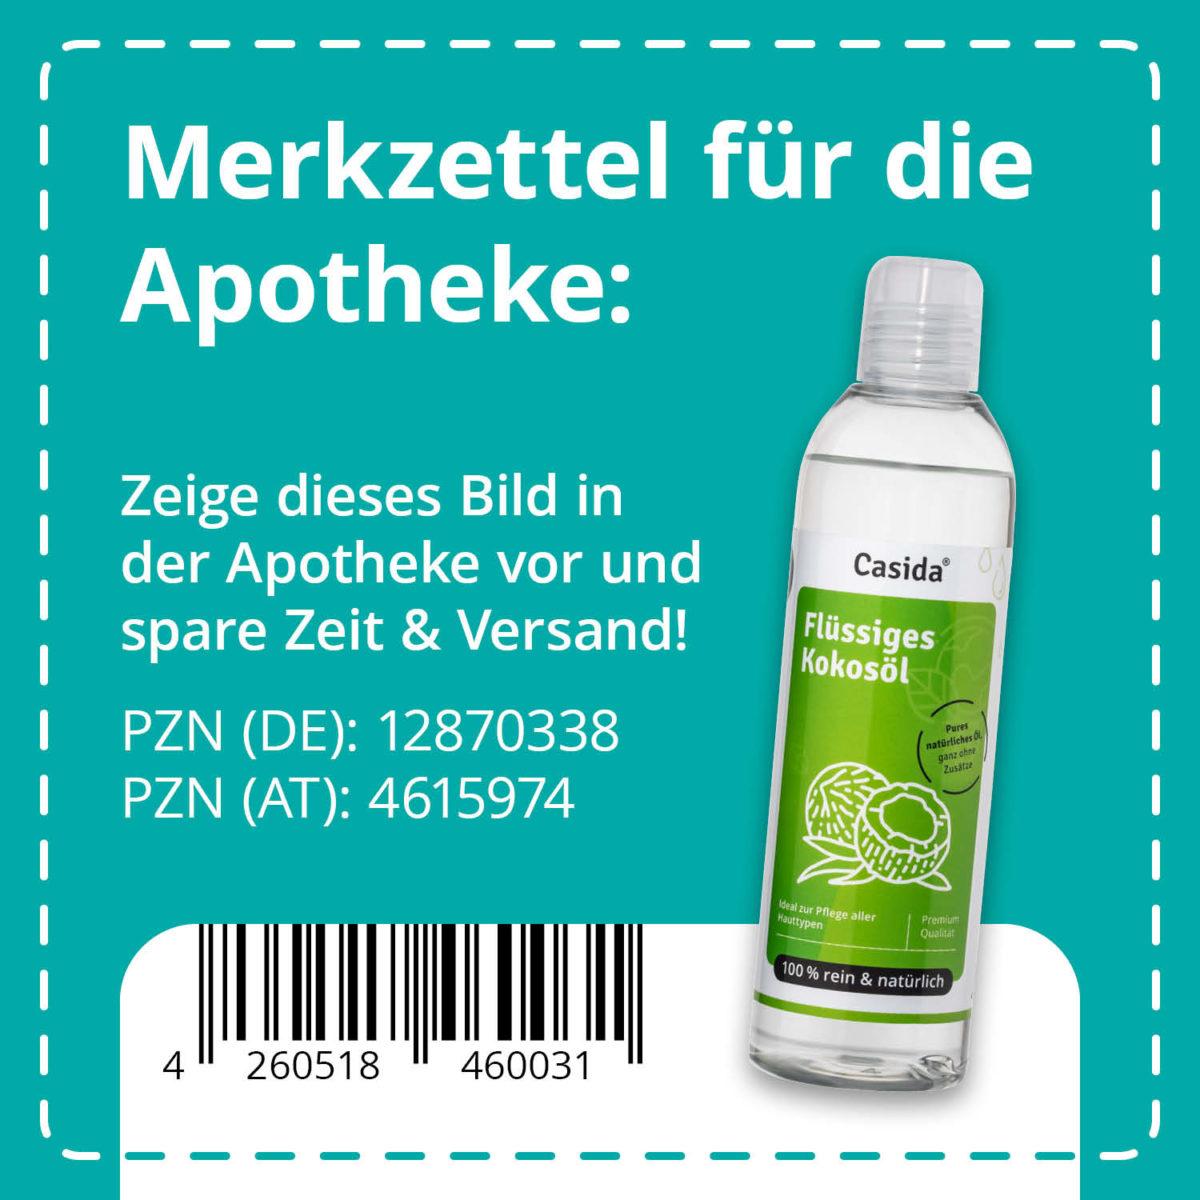 Casida Kokosöl flüssig pur & natürlich – 250 ml 12870338 PZN Apotheke Trägeröl Ätherische Öle mischen fraktioniert9